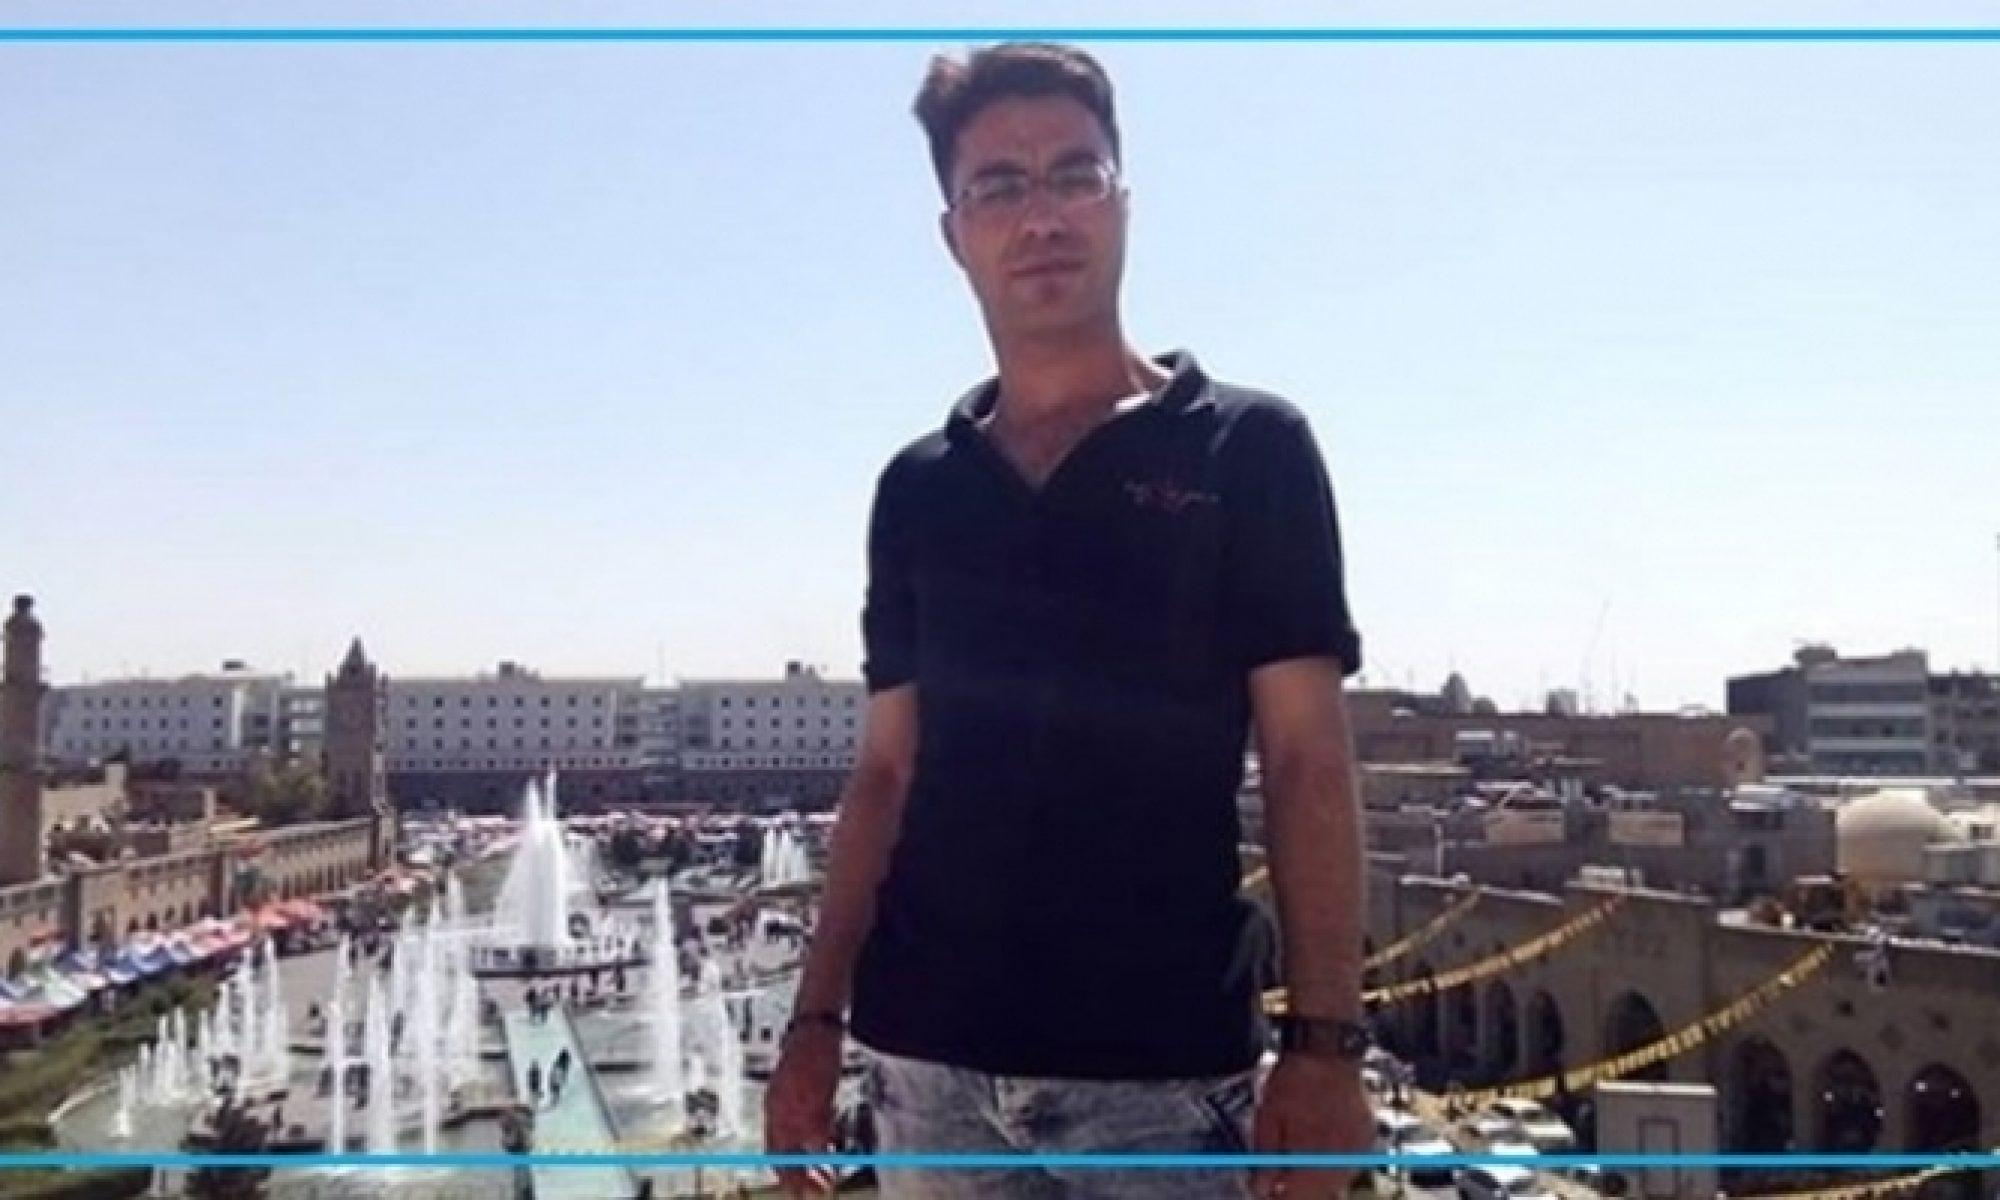 İran devlet faşizmine karşı ağzını dikerek açlık grevine başladı, Adil Mukerrem